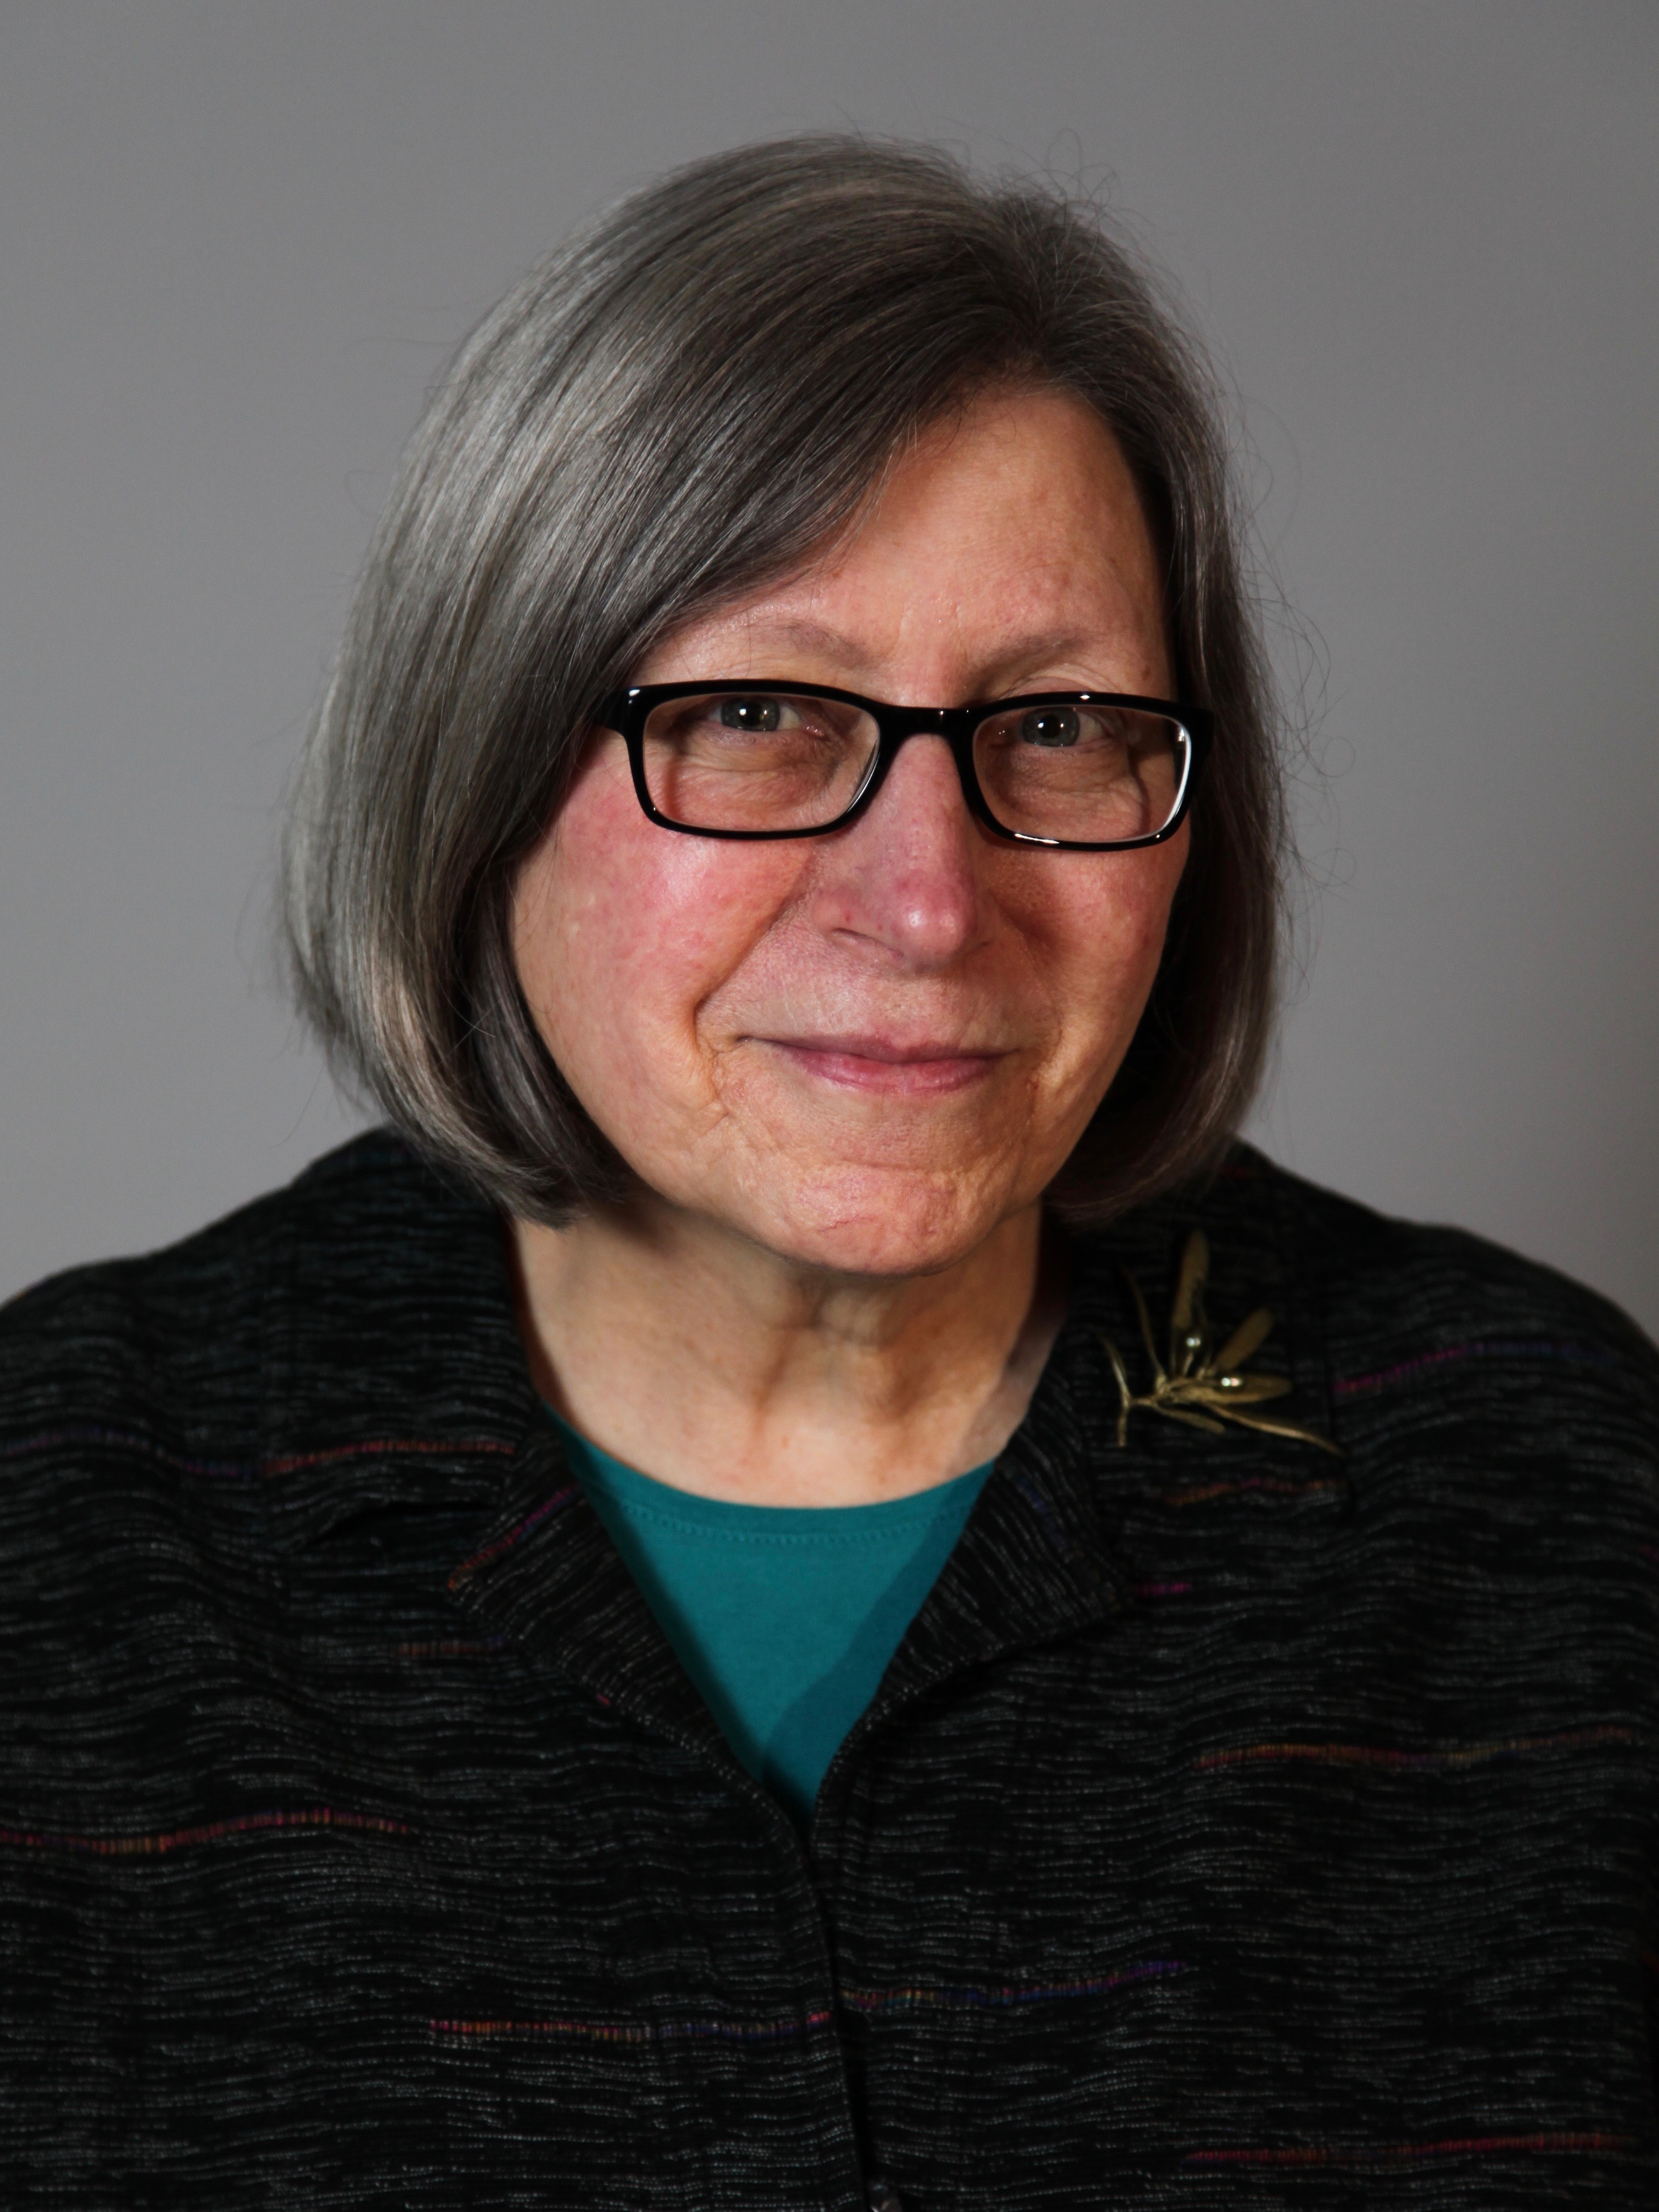 Gabrielle Mayer